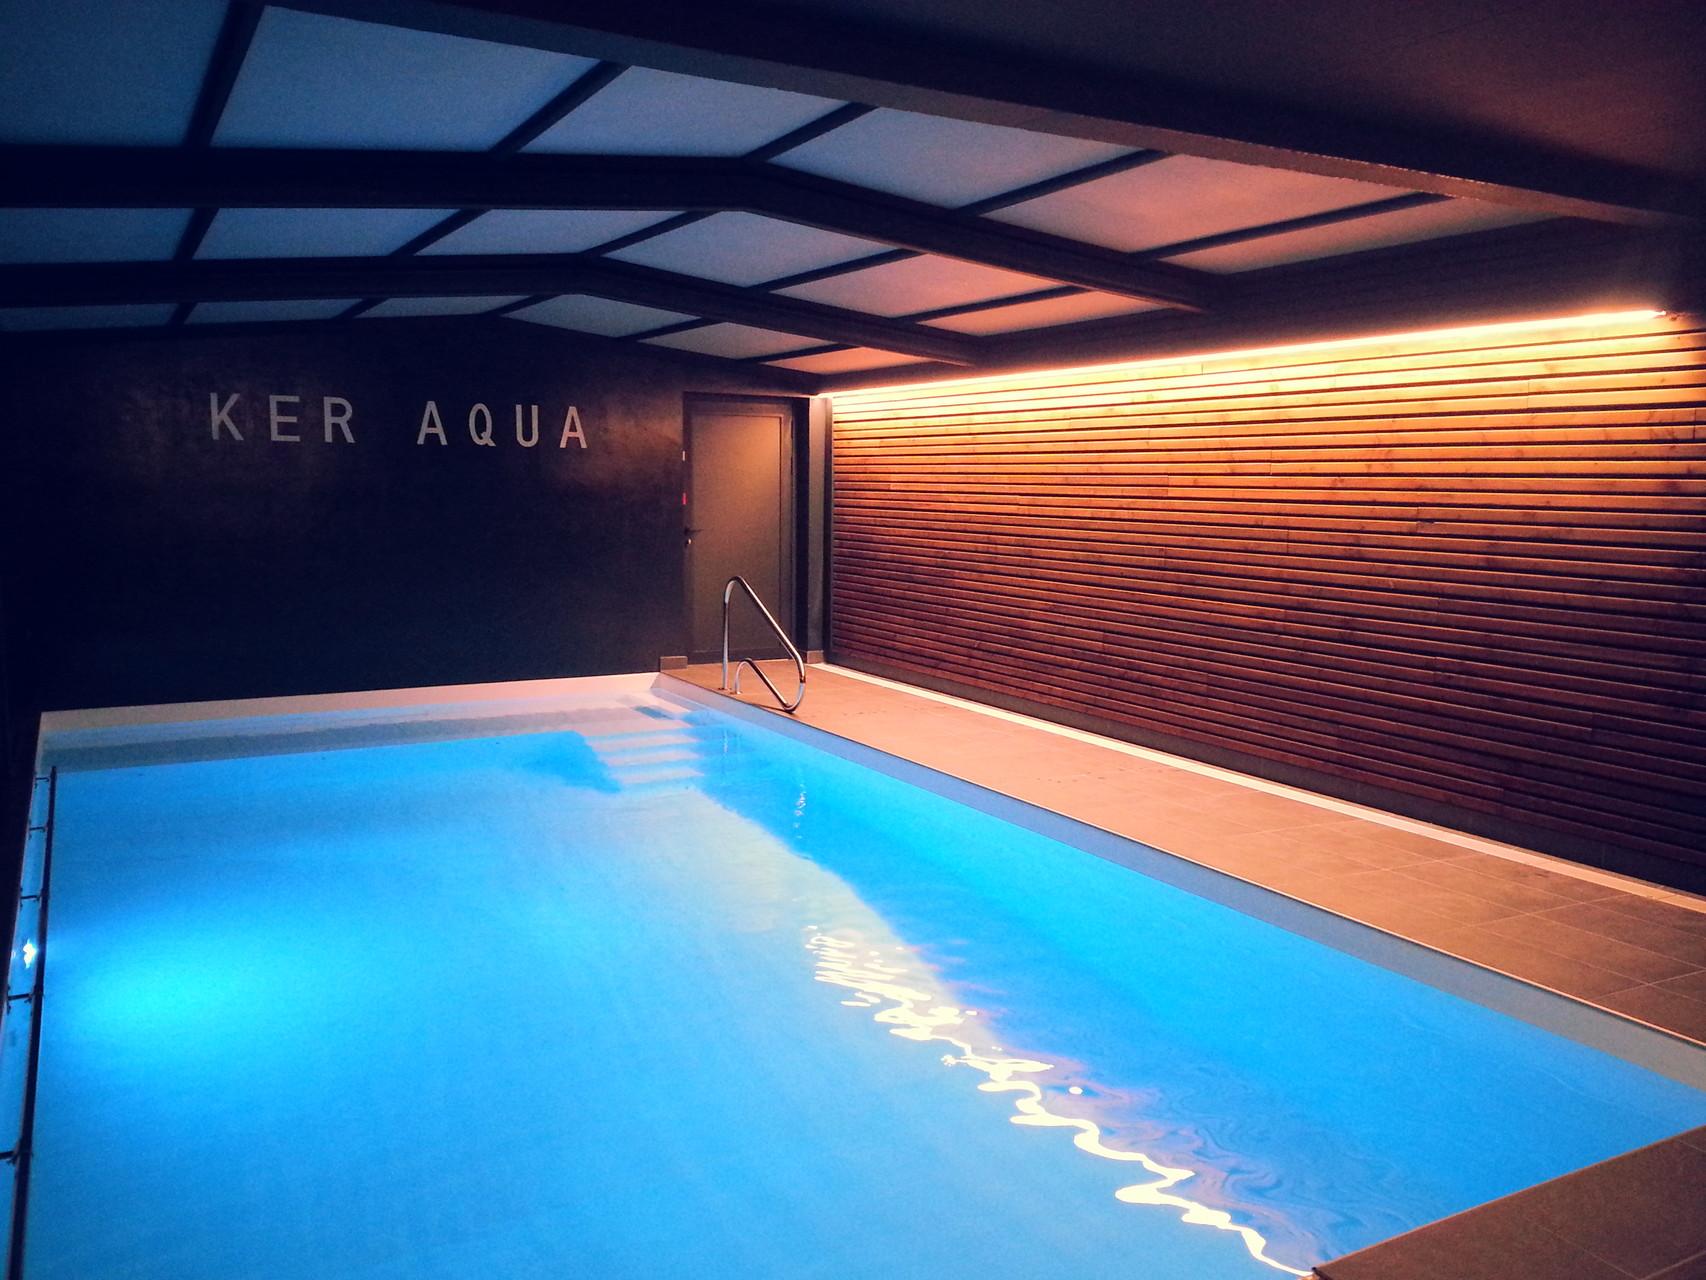 piscine privé rennes ker aqua